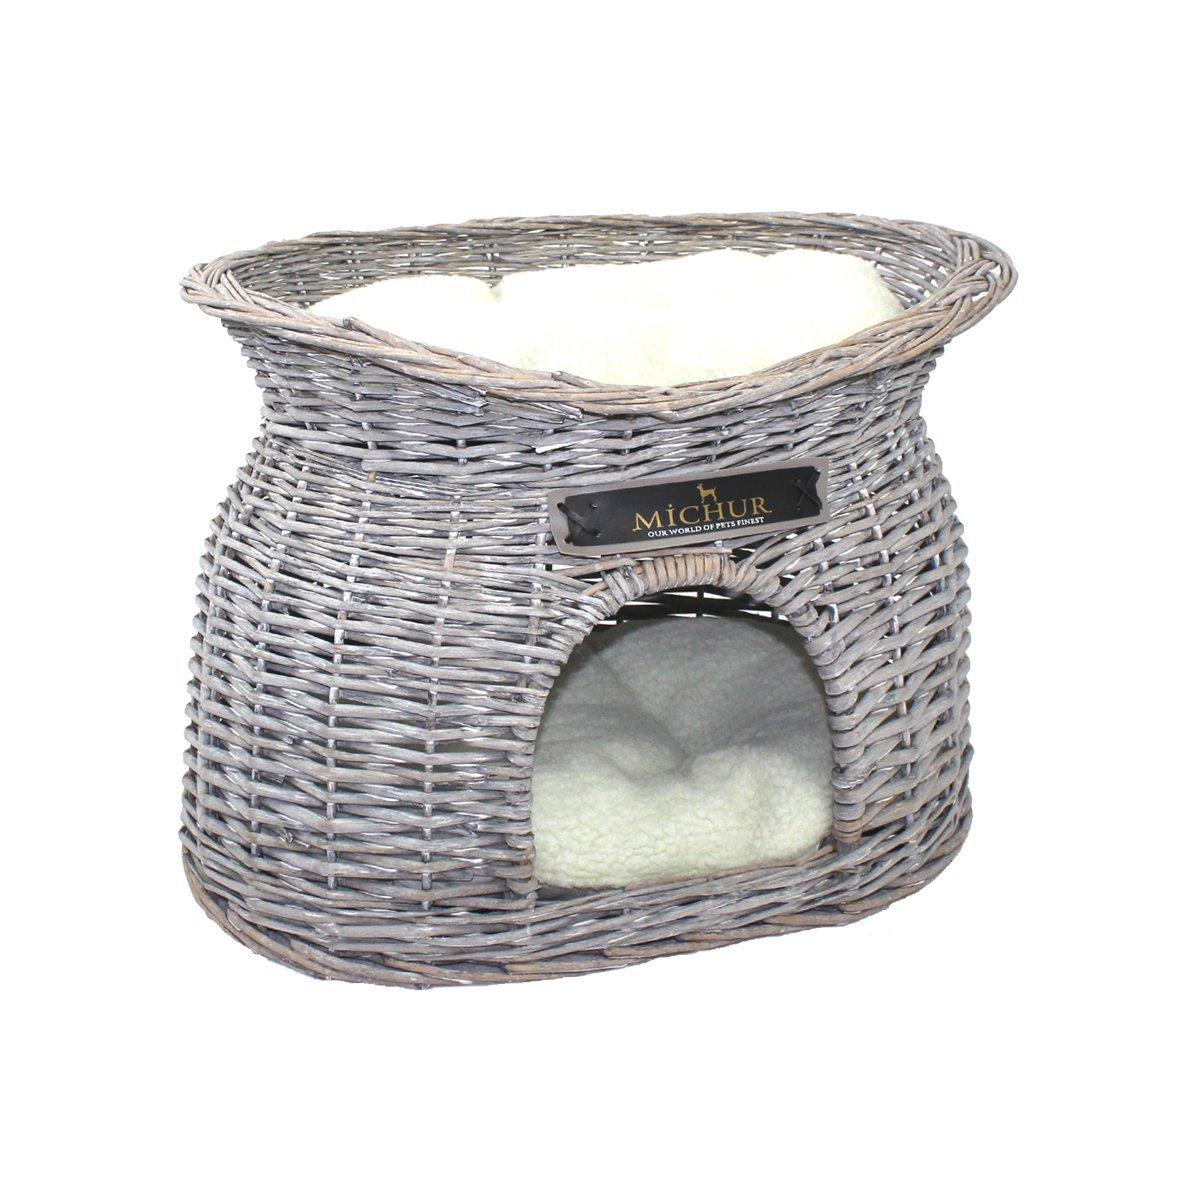 Liegefl/äche ca. 40x28cm rattan cesta igloo in vimini imbottita per gatto 55x39x43cm divanetto MICHUR RICHY grigio ca